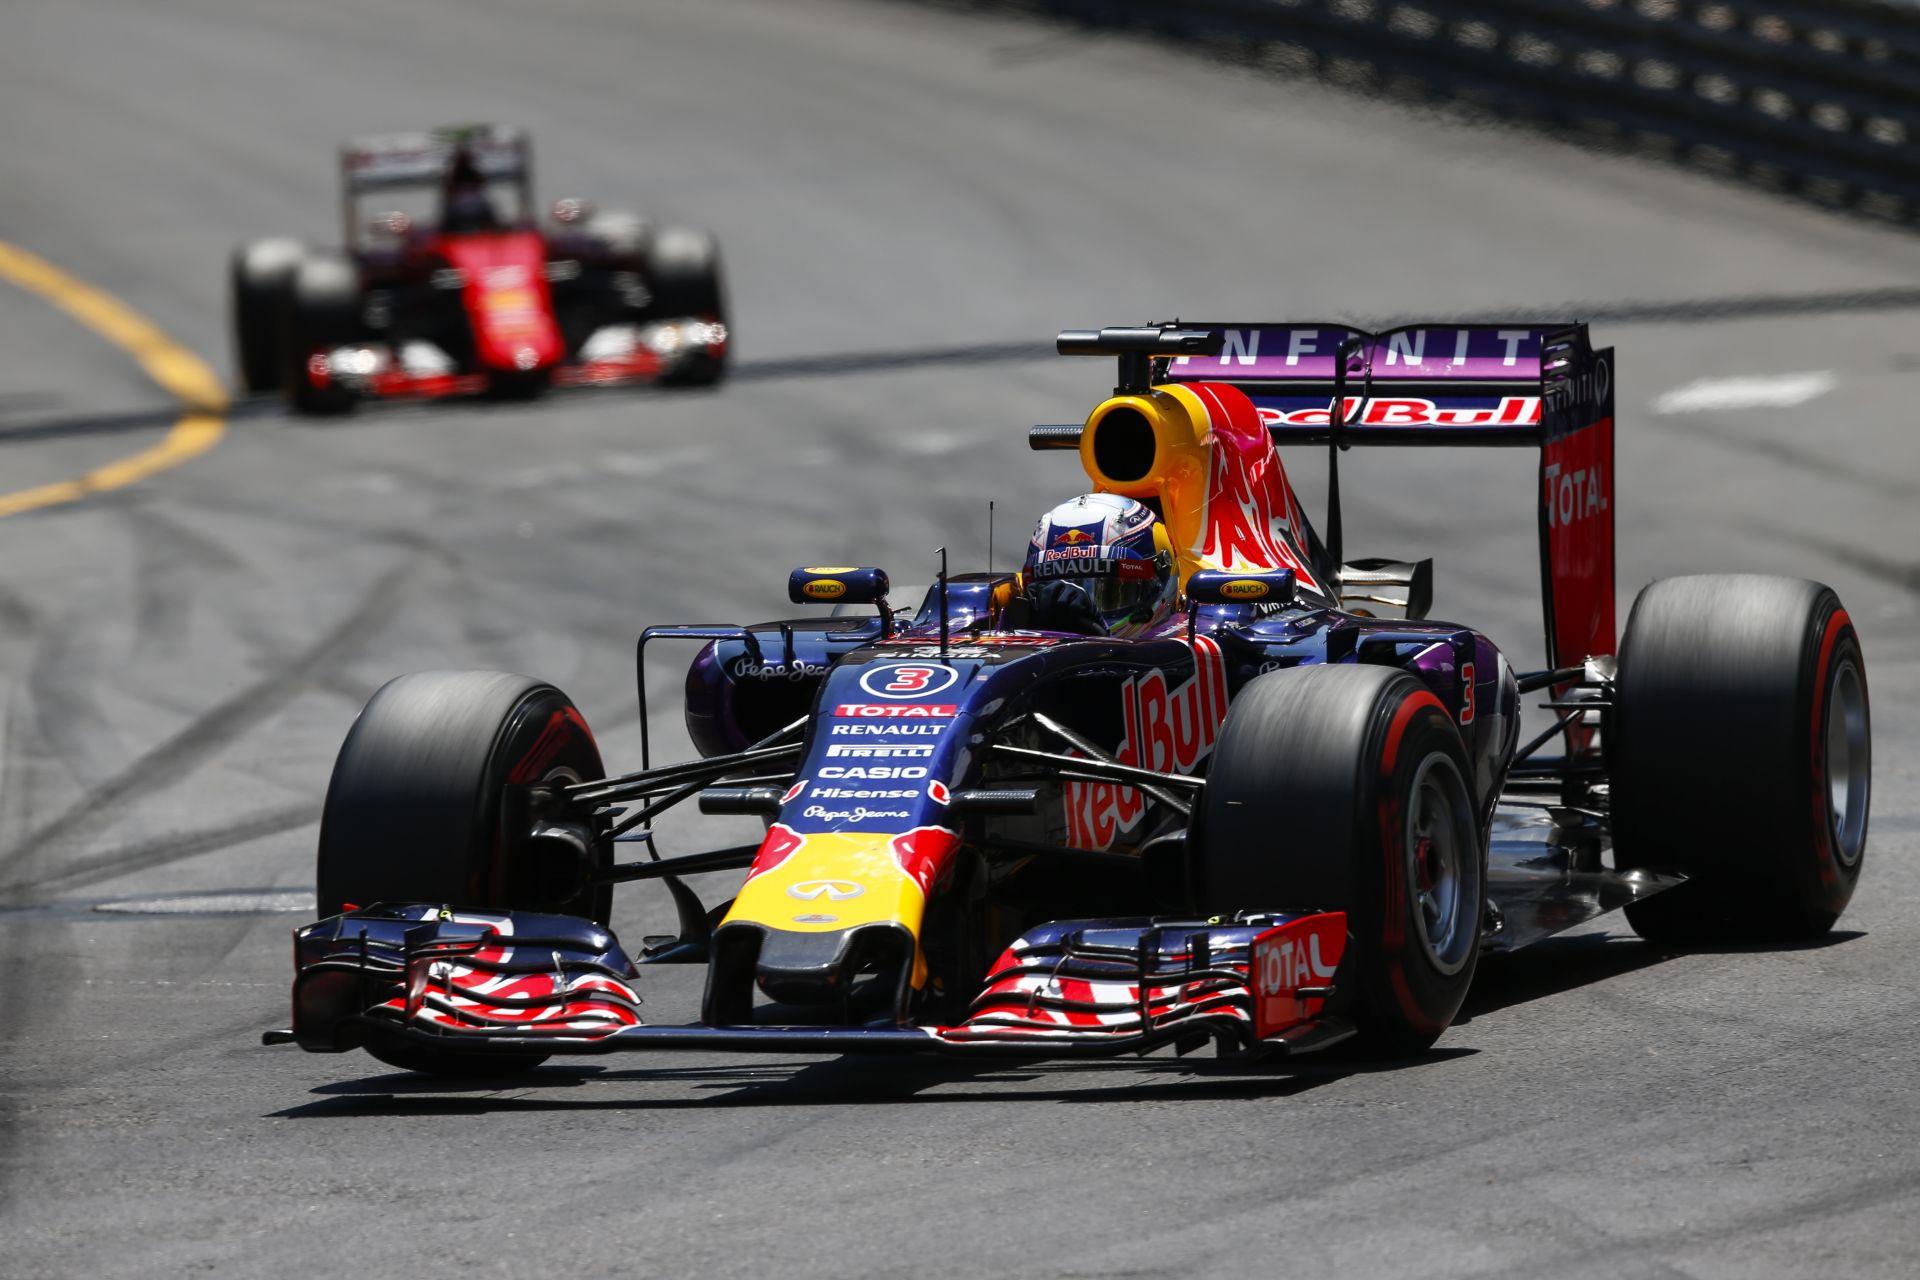 A Red Bullnál már megy a matek a büntetés miatt a motorokat illetően